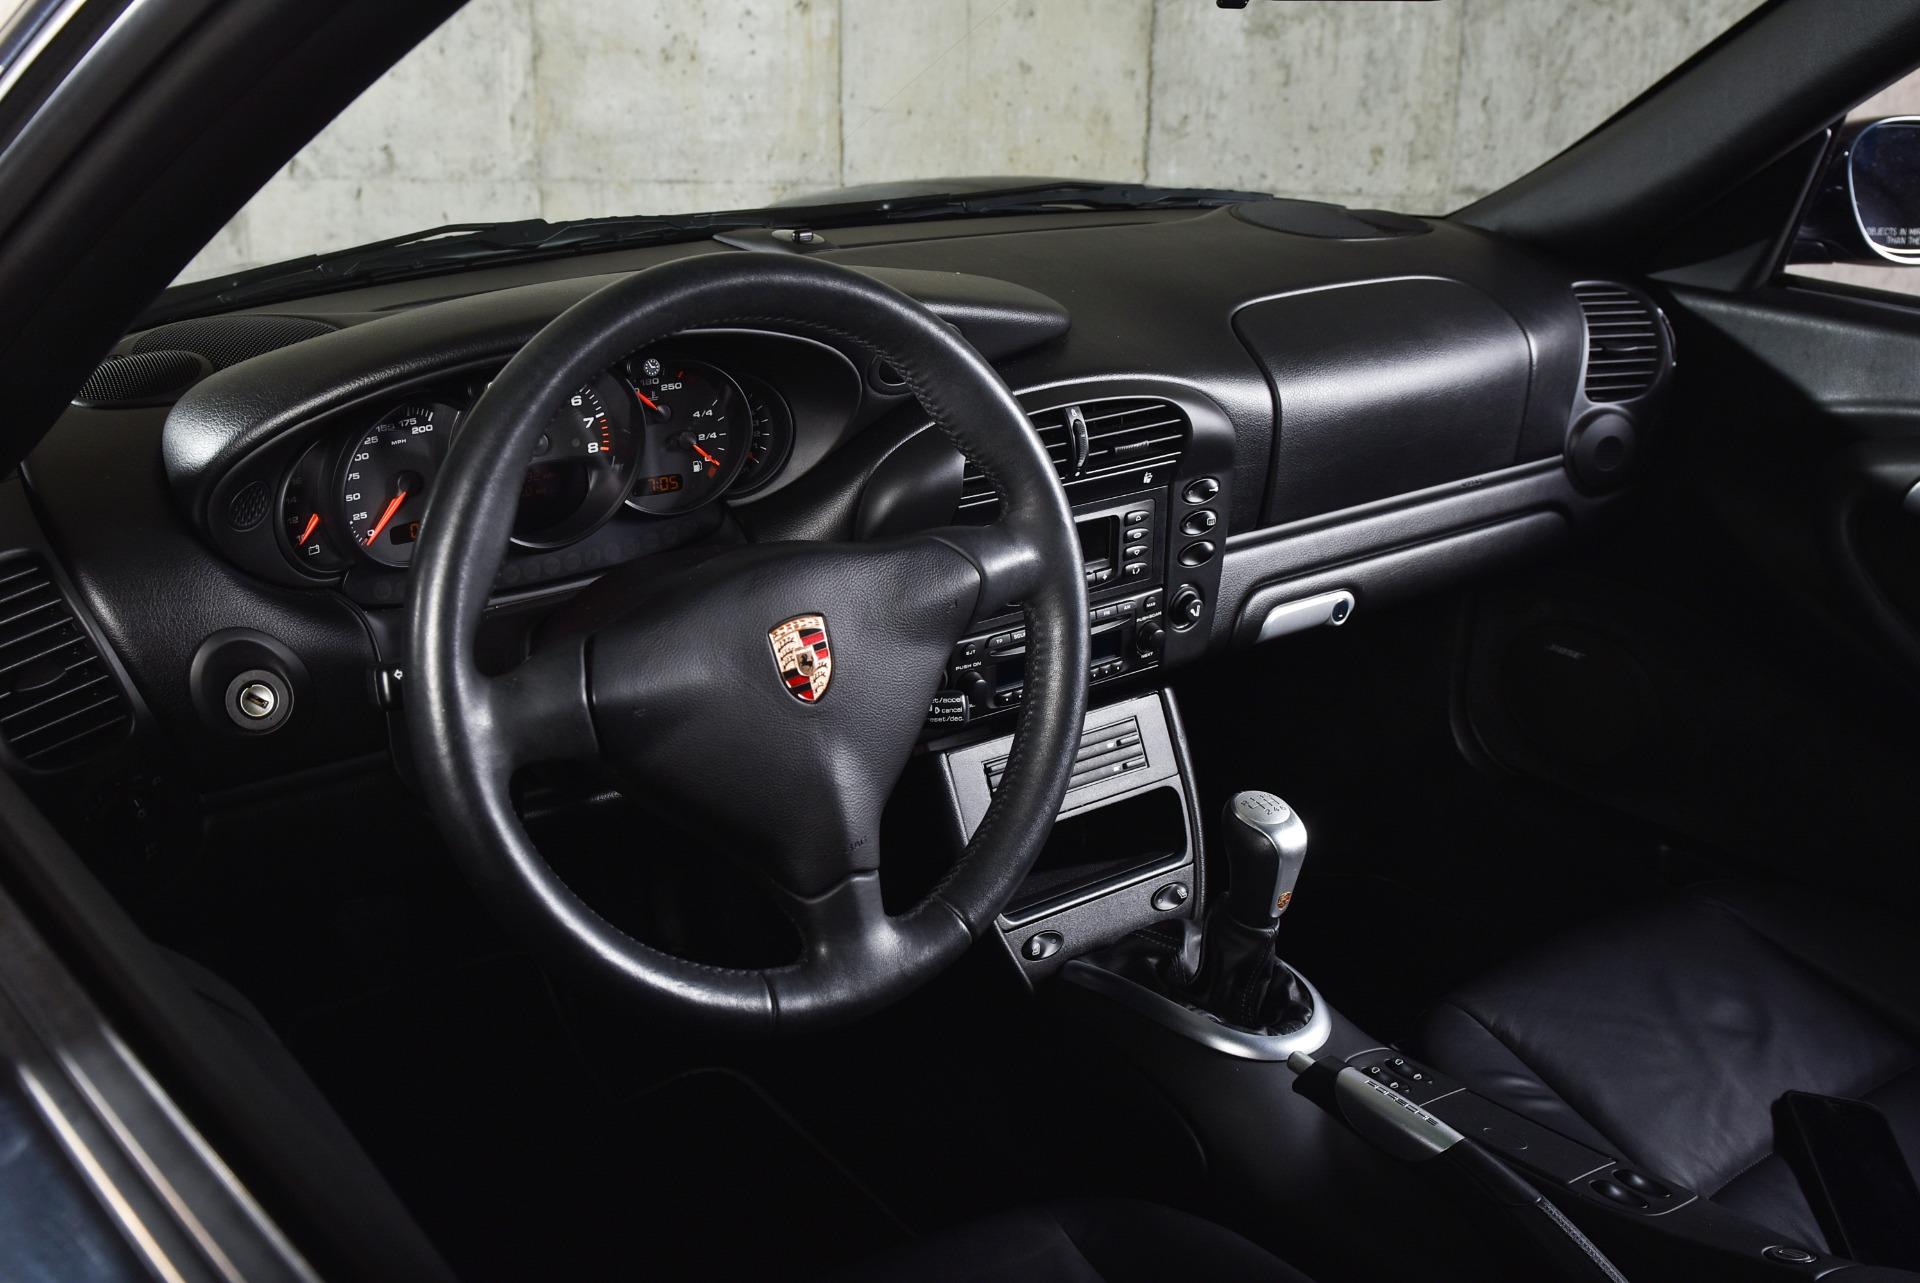 Used 2004 Porsche 911 Carrera   Valley Stream, NY